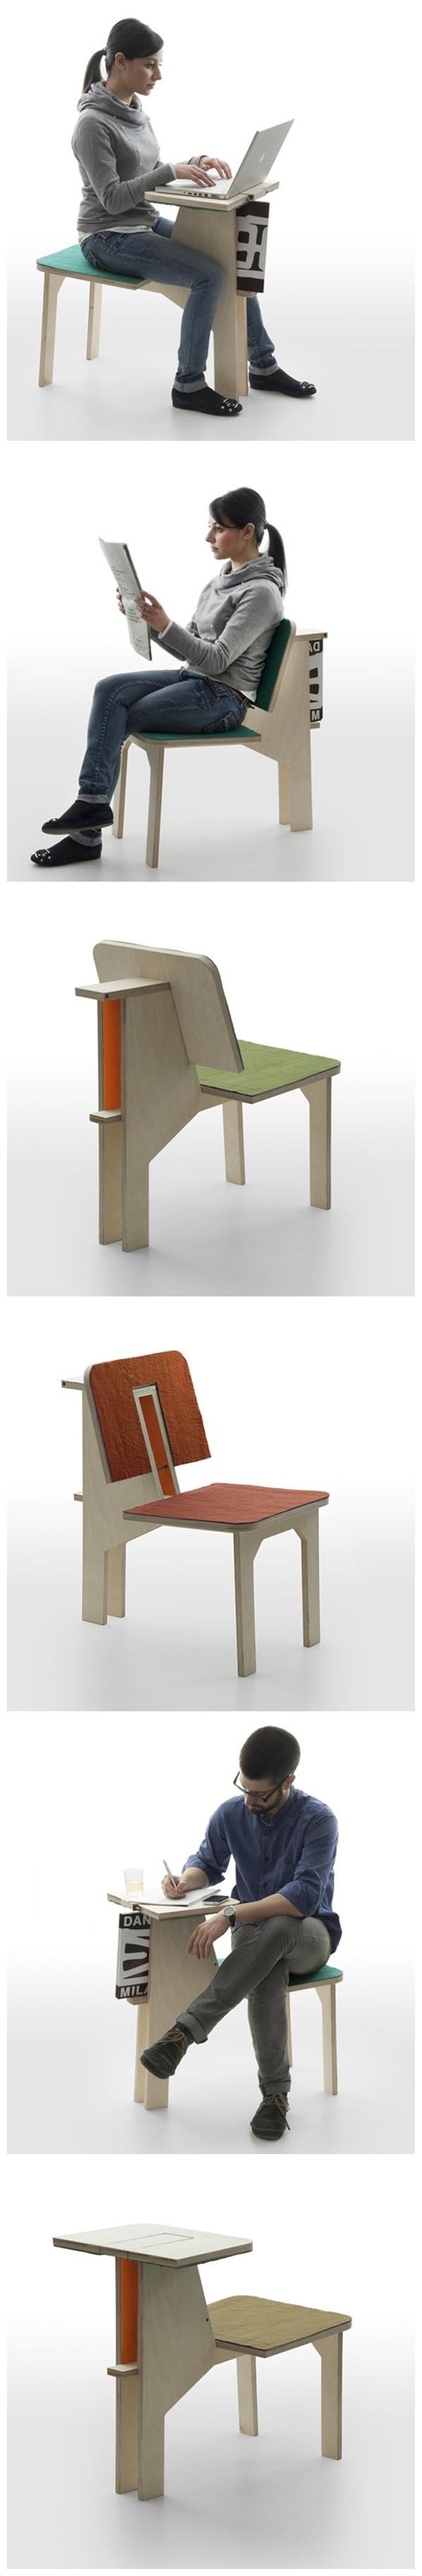 """æ³•å›½è ¾è ¡å¸ˆMatali Crasset为意大利品牌Daneseè ¾è ¡çš""""椅子,这是一个"""